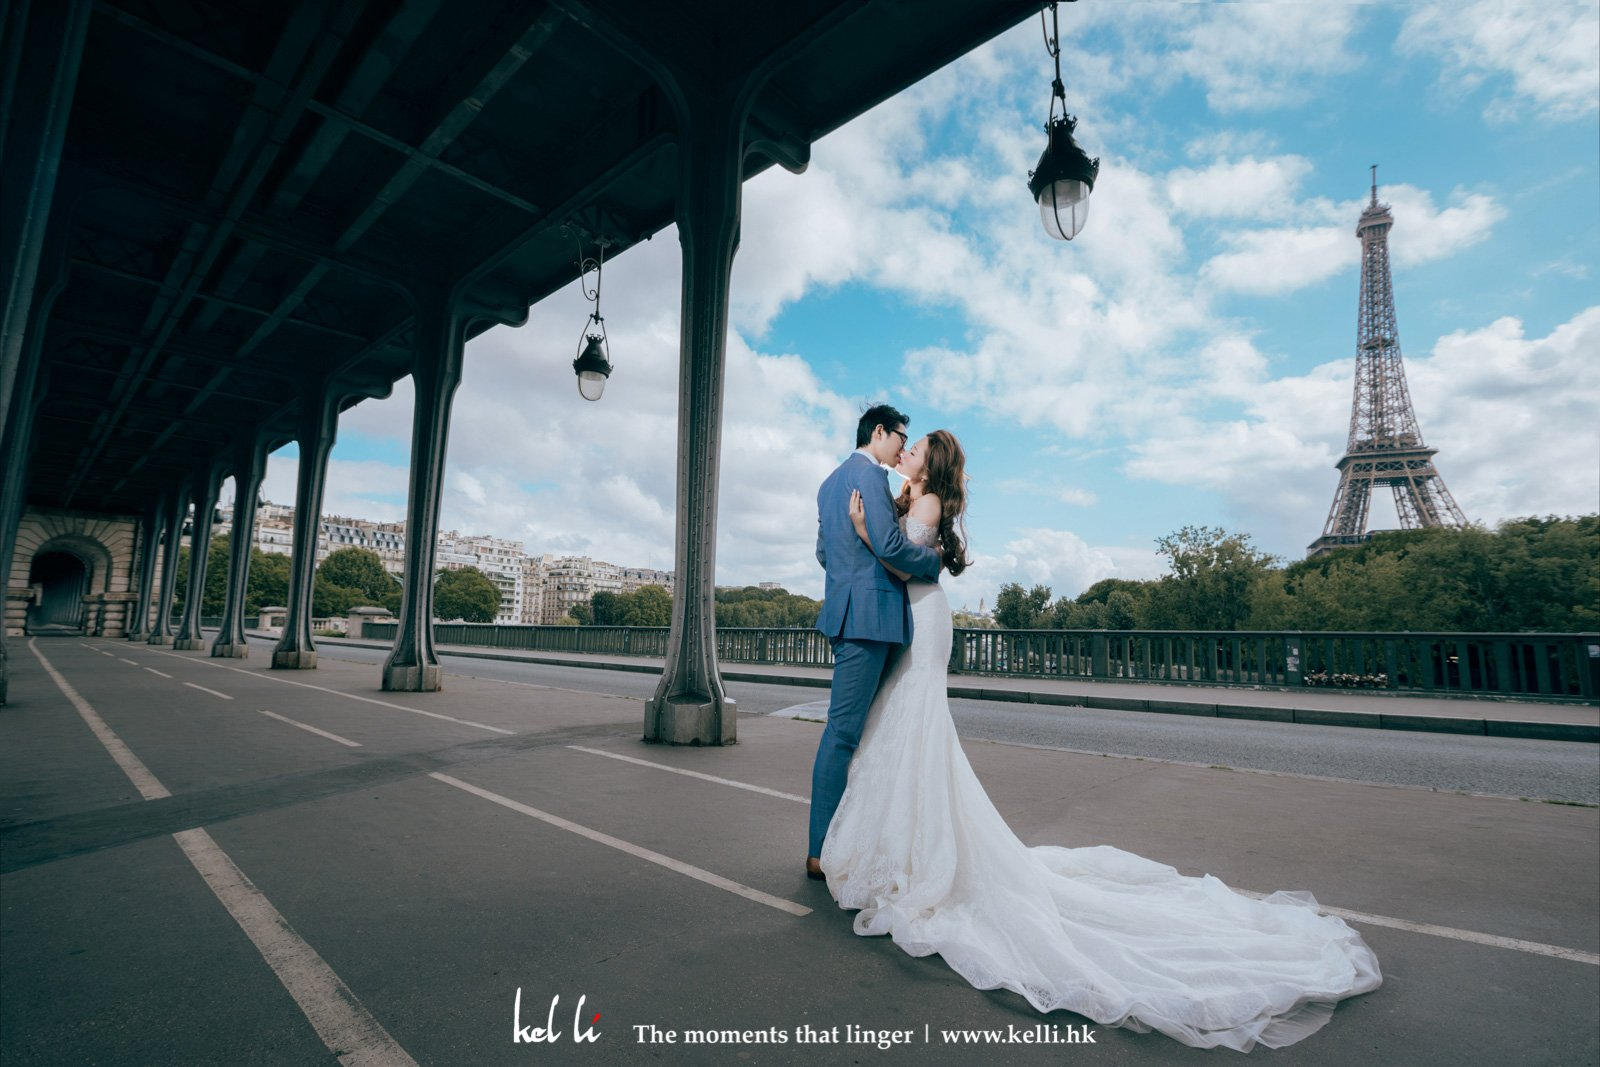 看著這巴黎美景及新人,小編也溶化了